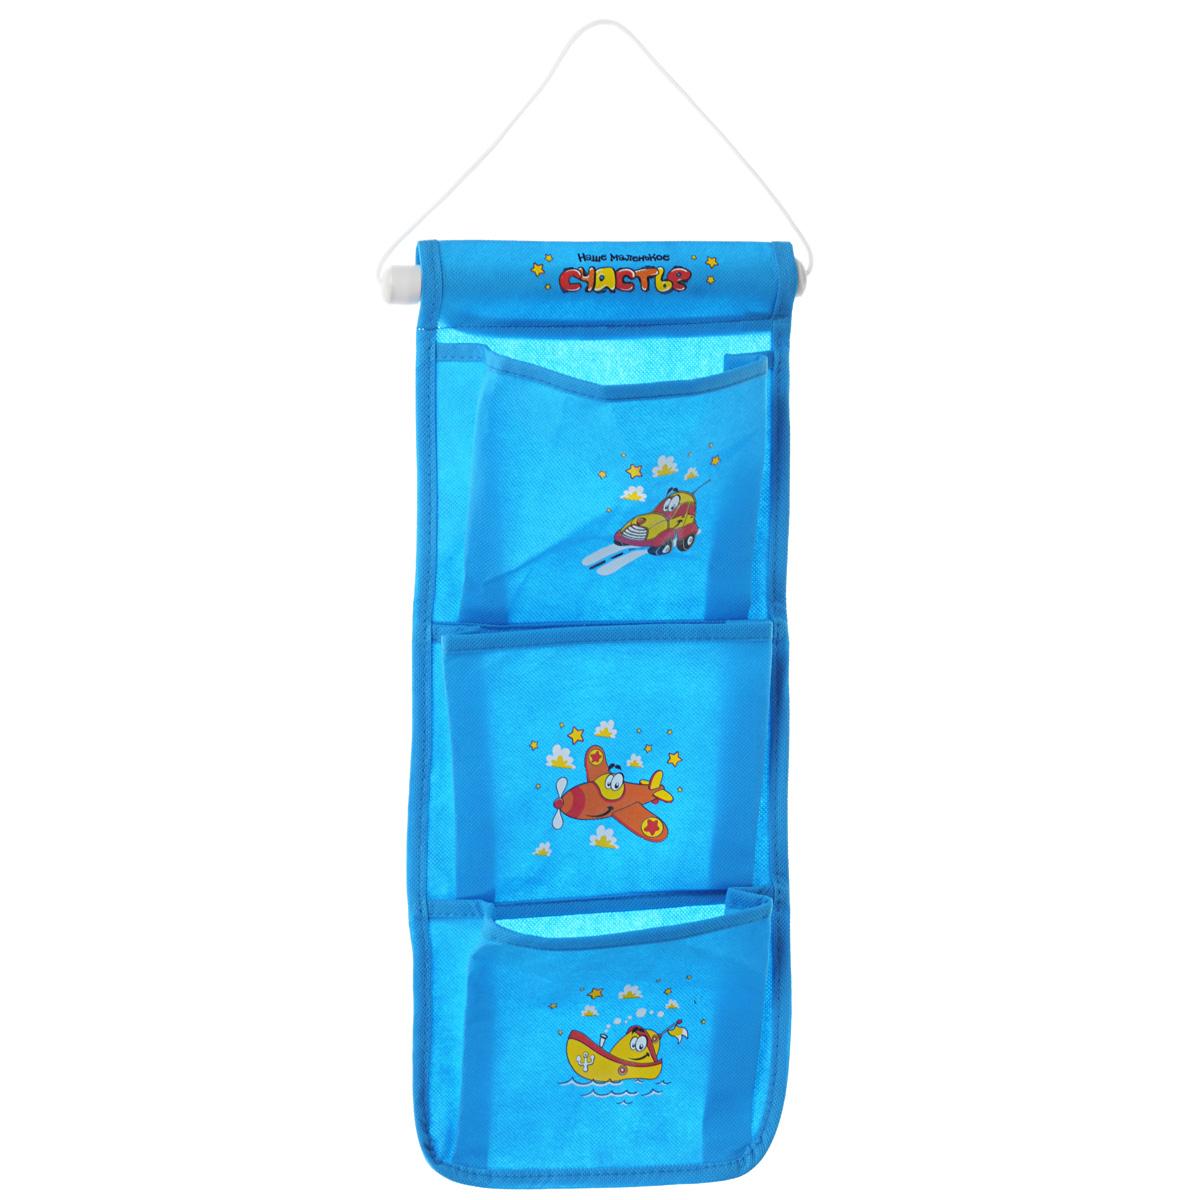 Кармашки на стену Sima-land Для нашего мальчика, цвет: синий, 3 шт139983Кармашки на стену Sima-land Для нашего мальчика, изготовленные из текстиля, предназначены для хранения необходимых вещей, множества мелочей в гардеробной, ванной, детской комнатах. Изделие представляет собой текстильное полотно с тремя пришитыми кармашками. Благодаря пластиковой планке и шнурку, кармашки можно подвесить на стену или дверь в необходимом для вас месте.Кармашки декорированы изображениями машинки, самолета и парохода.Этот нужный предмет может стать одновременно и декоративным элементом комнаты. Яркий дизайн, как ничто иное, способен оживить интерьер вашего дома.